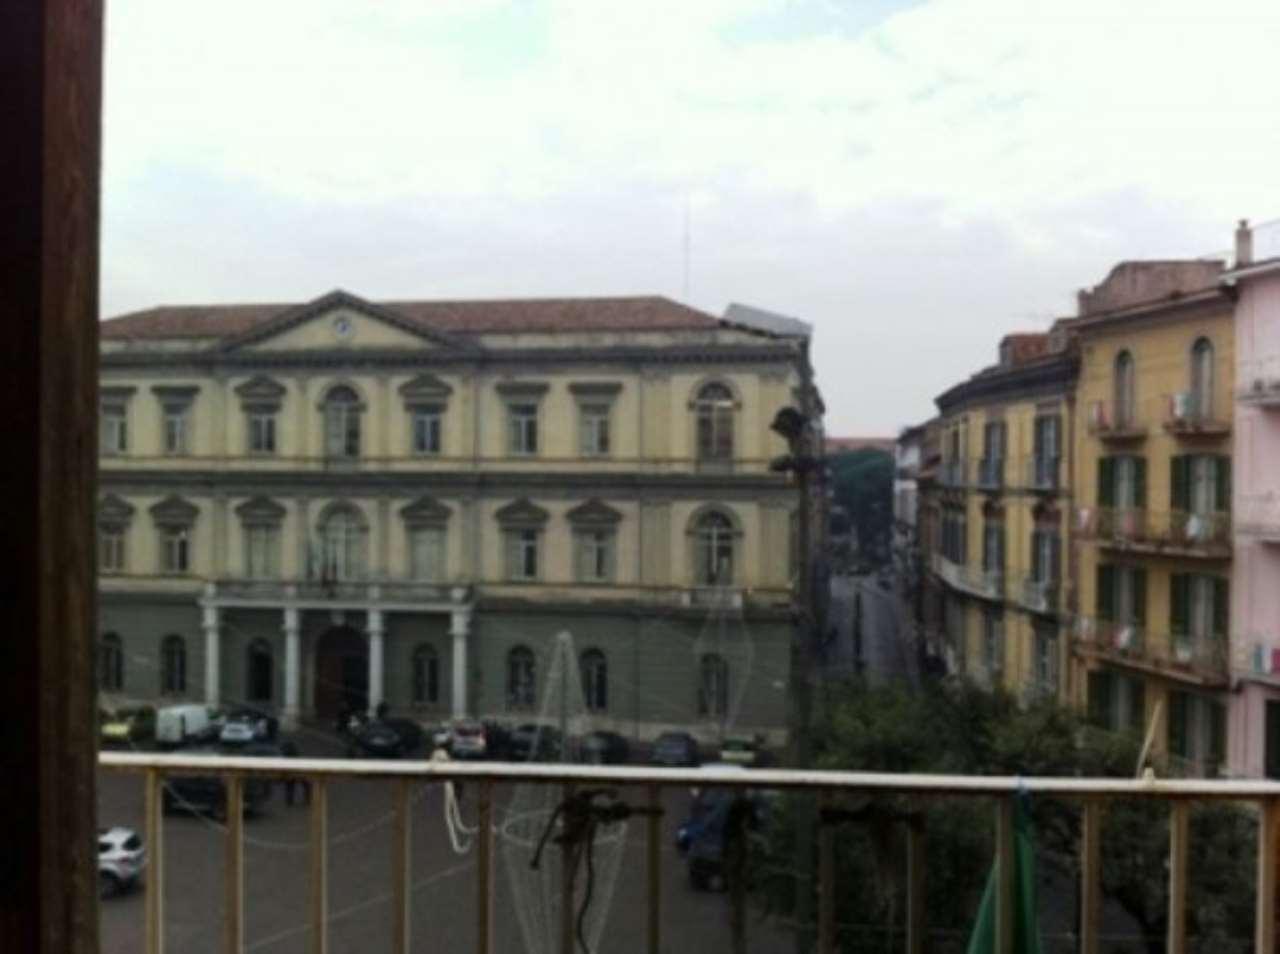 Palazzo / Stabile in vendita a Nola, 6 locali, Trattative riservate   CambioCasa.it